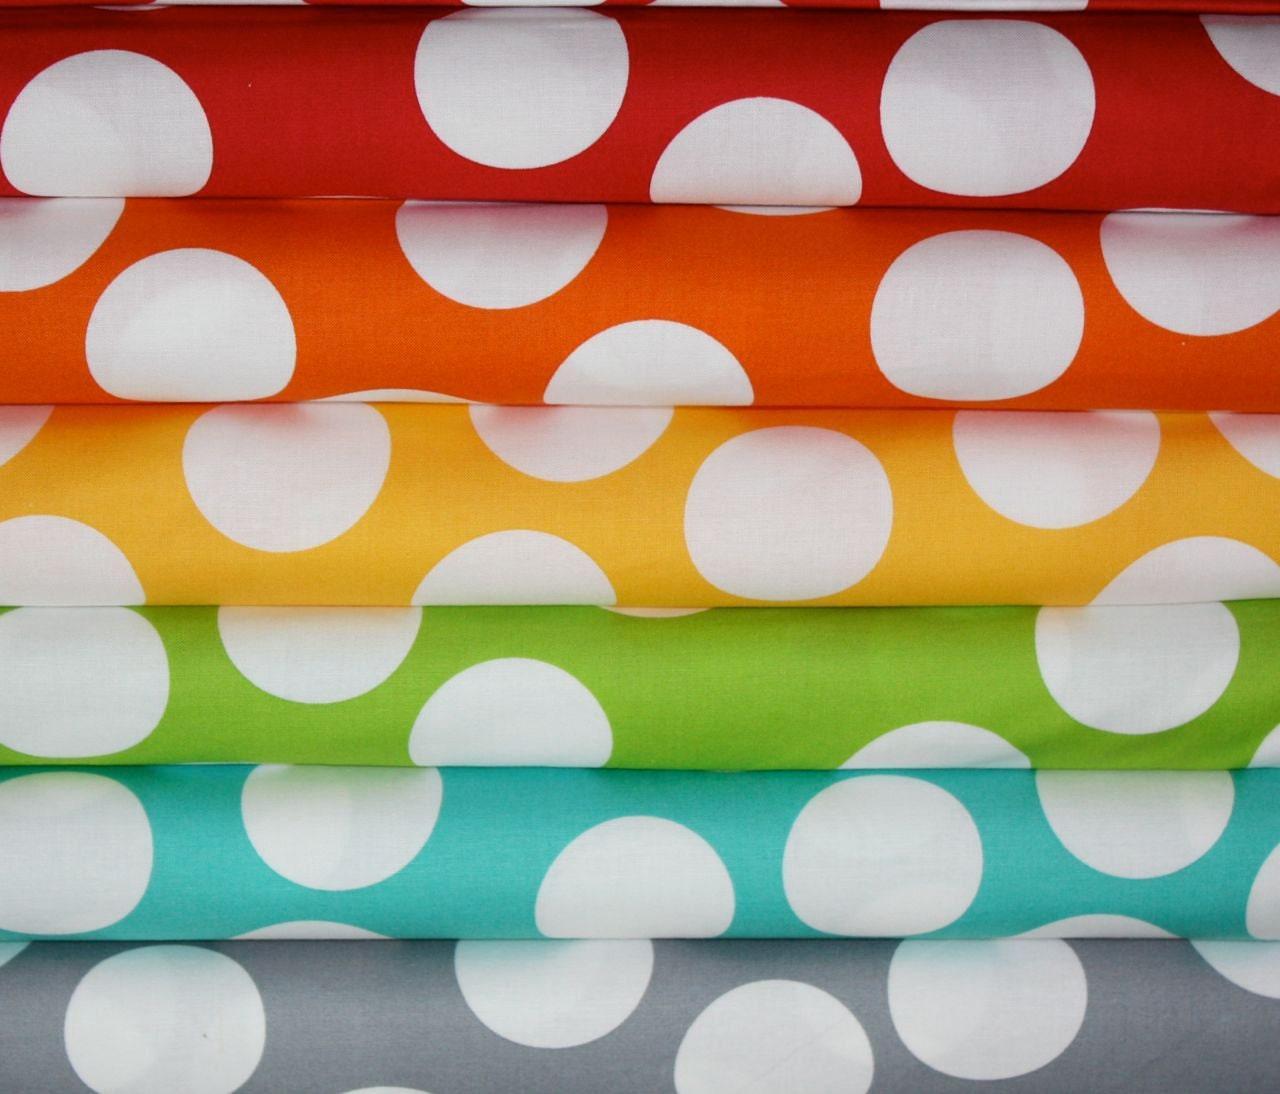 crib sheet in big polka dots by half moon custom by iviebaby